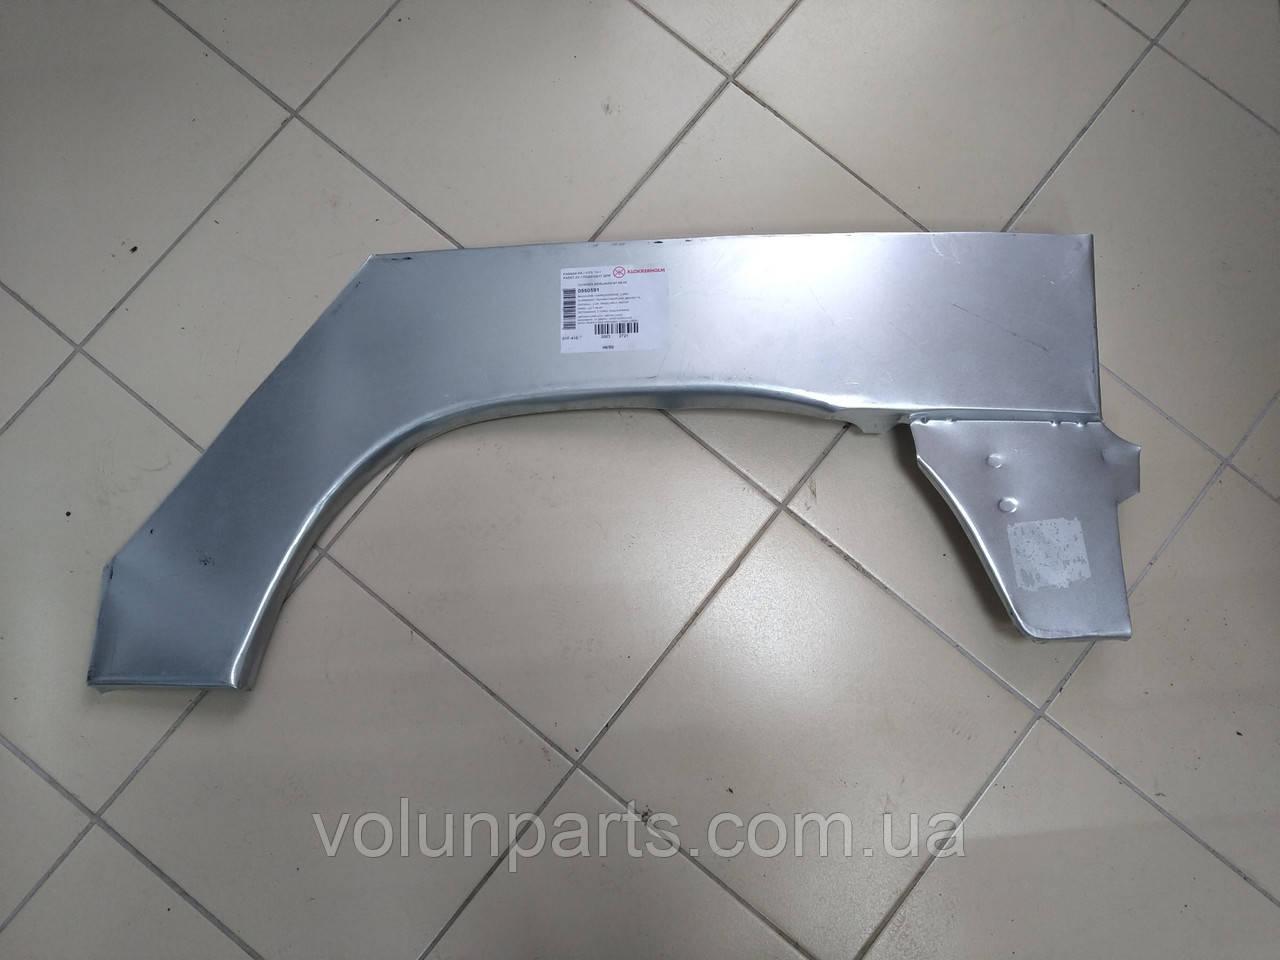 Ремкомплект крила заднього лівого Citroen berlingo / Peugeot Partner 96-2002р. (KLOKKERHOLM 0550591)